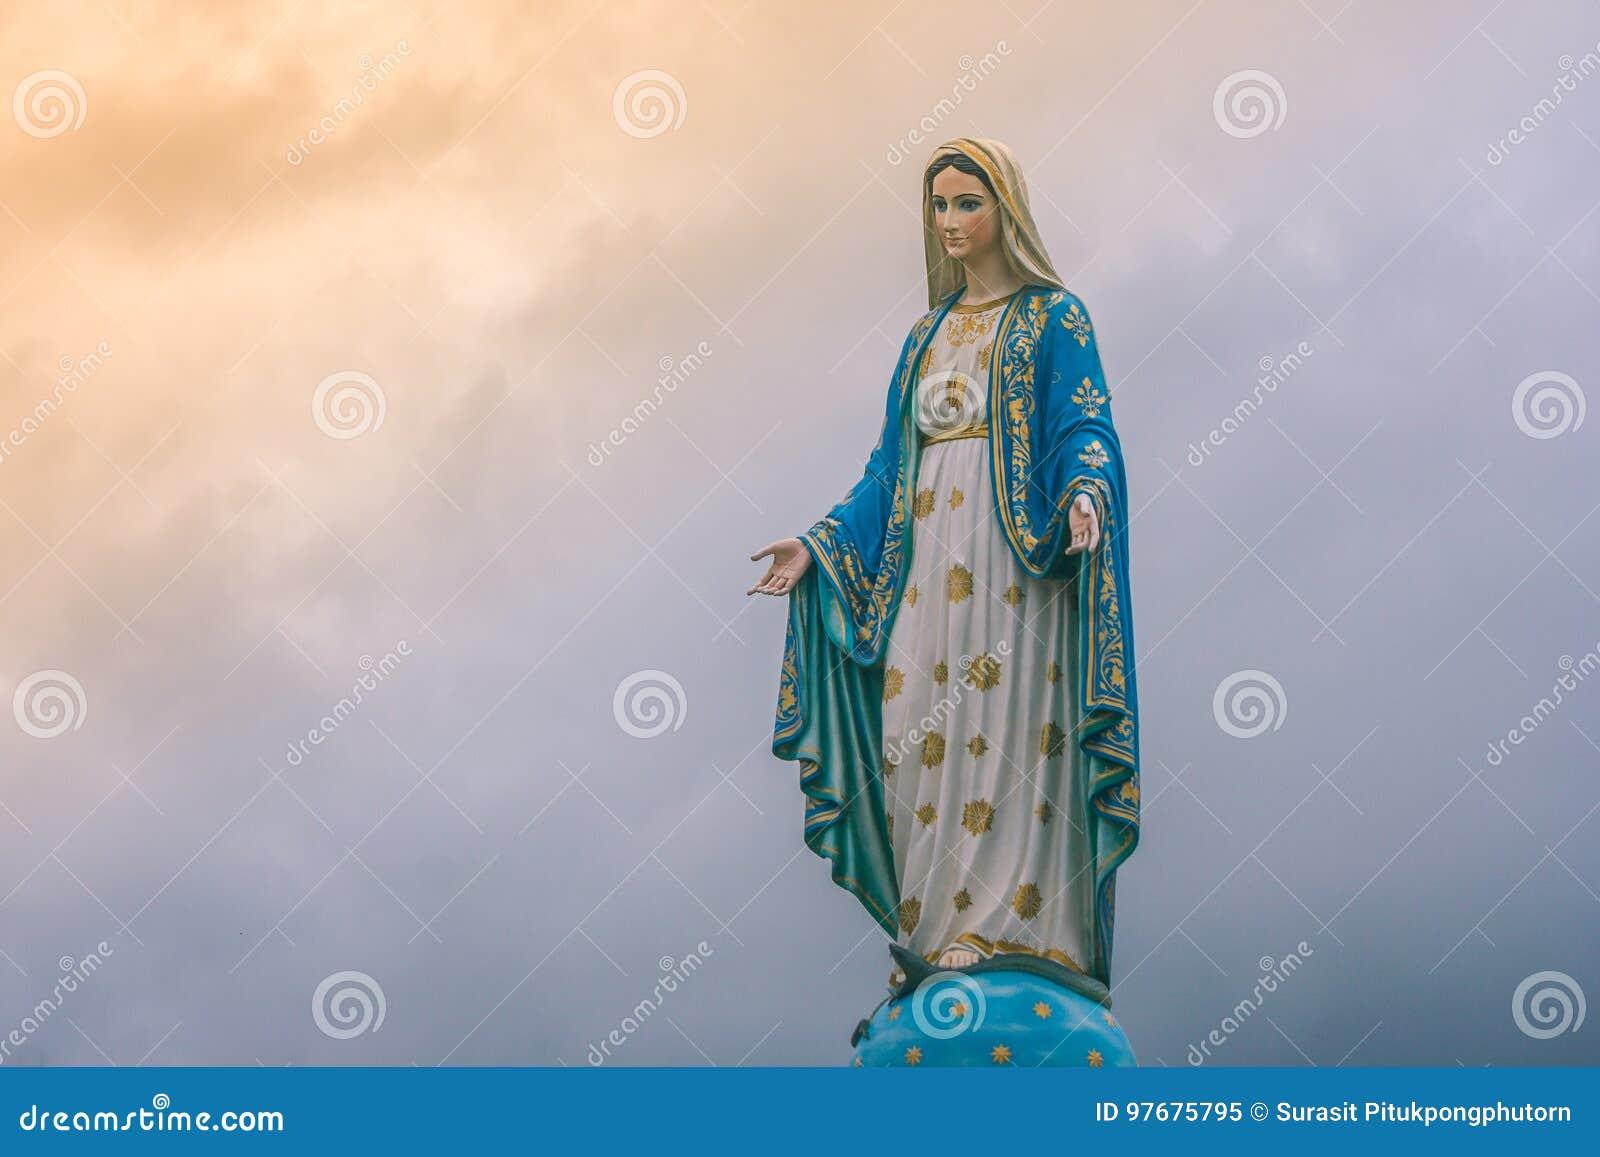 Estatua De La Virgen María En La Iglesia Católica Con